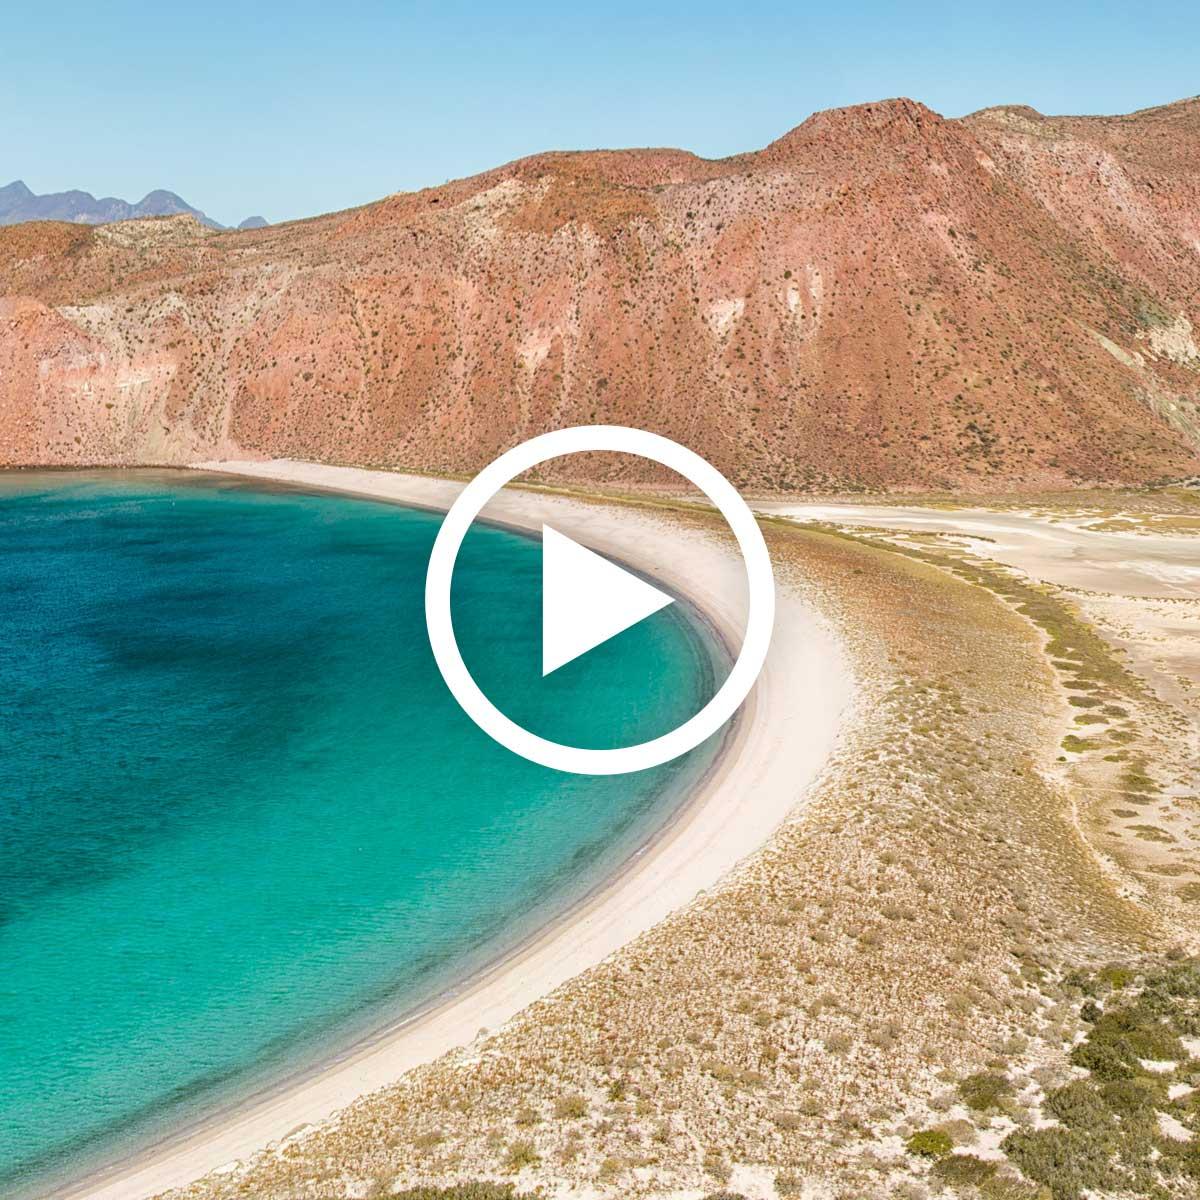 Location Luxe: Baja, Mexico